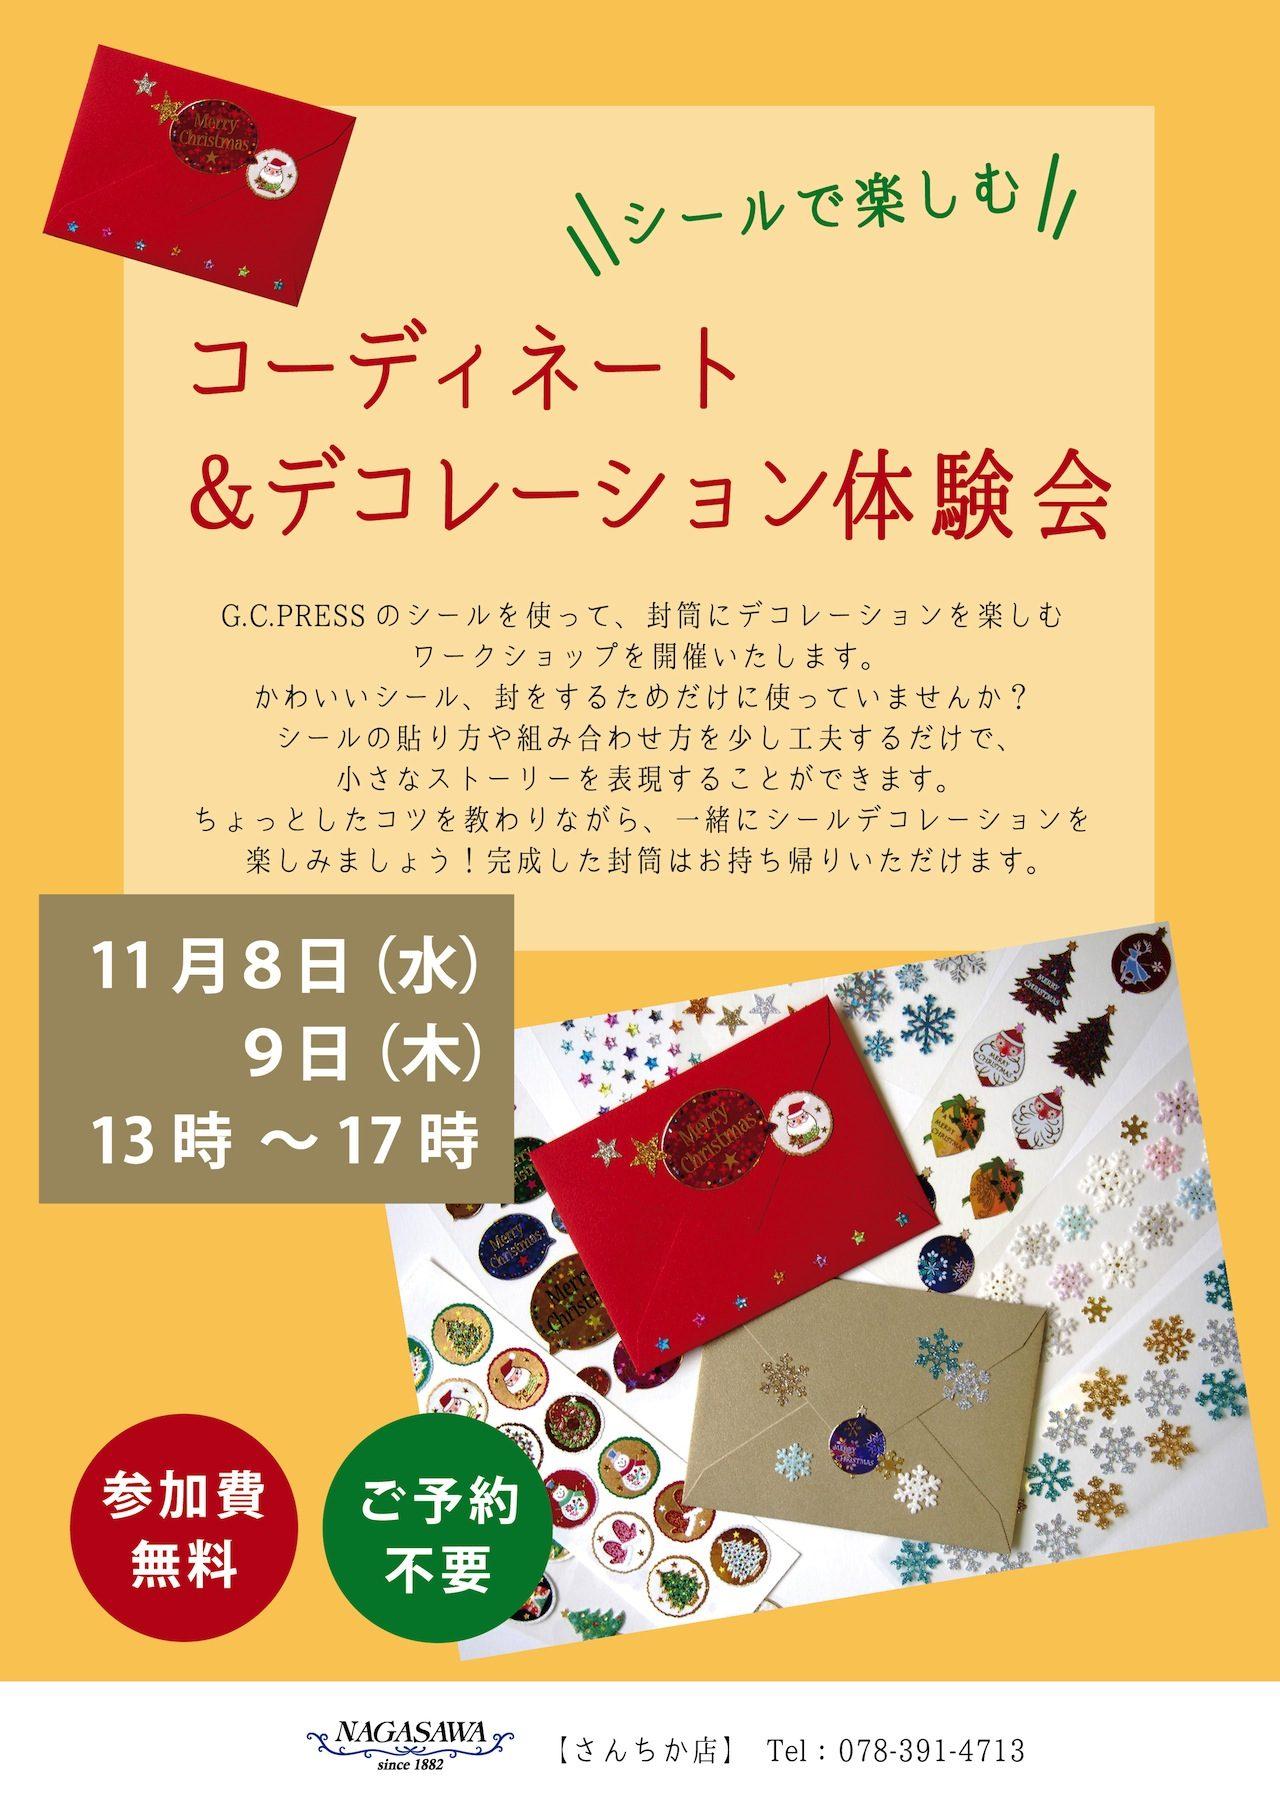 かわいいシールで封筒をおしゃれに『コーディネート&デコレーション』するワークショップイベント!